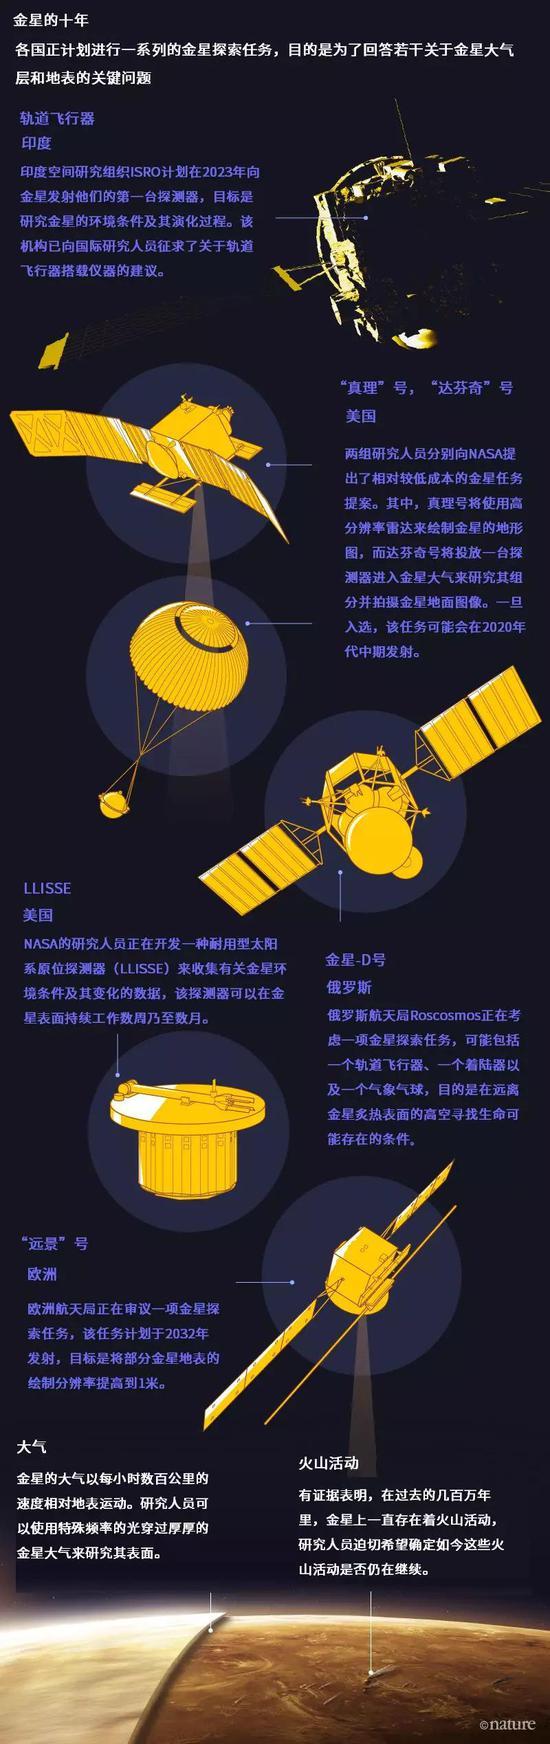 金星表面:NASA/JPL